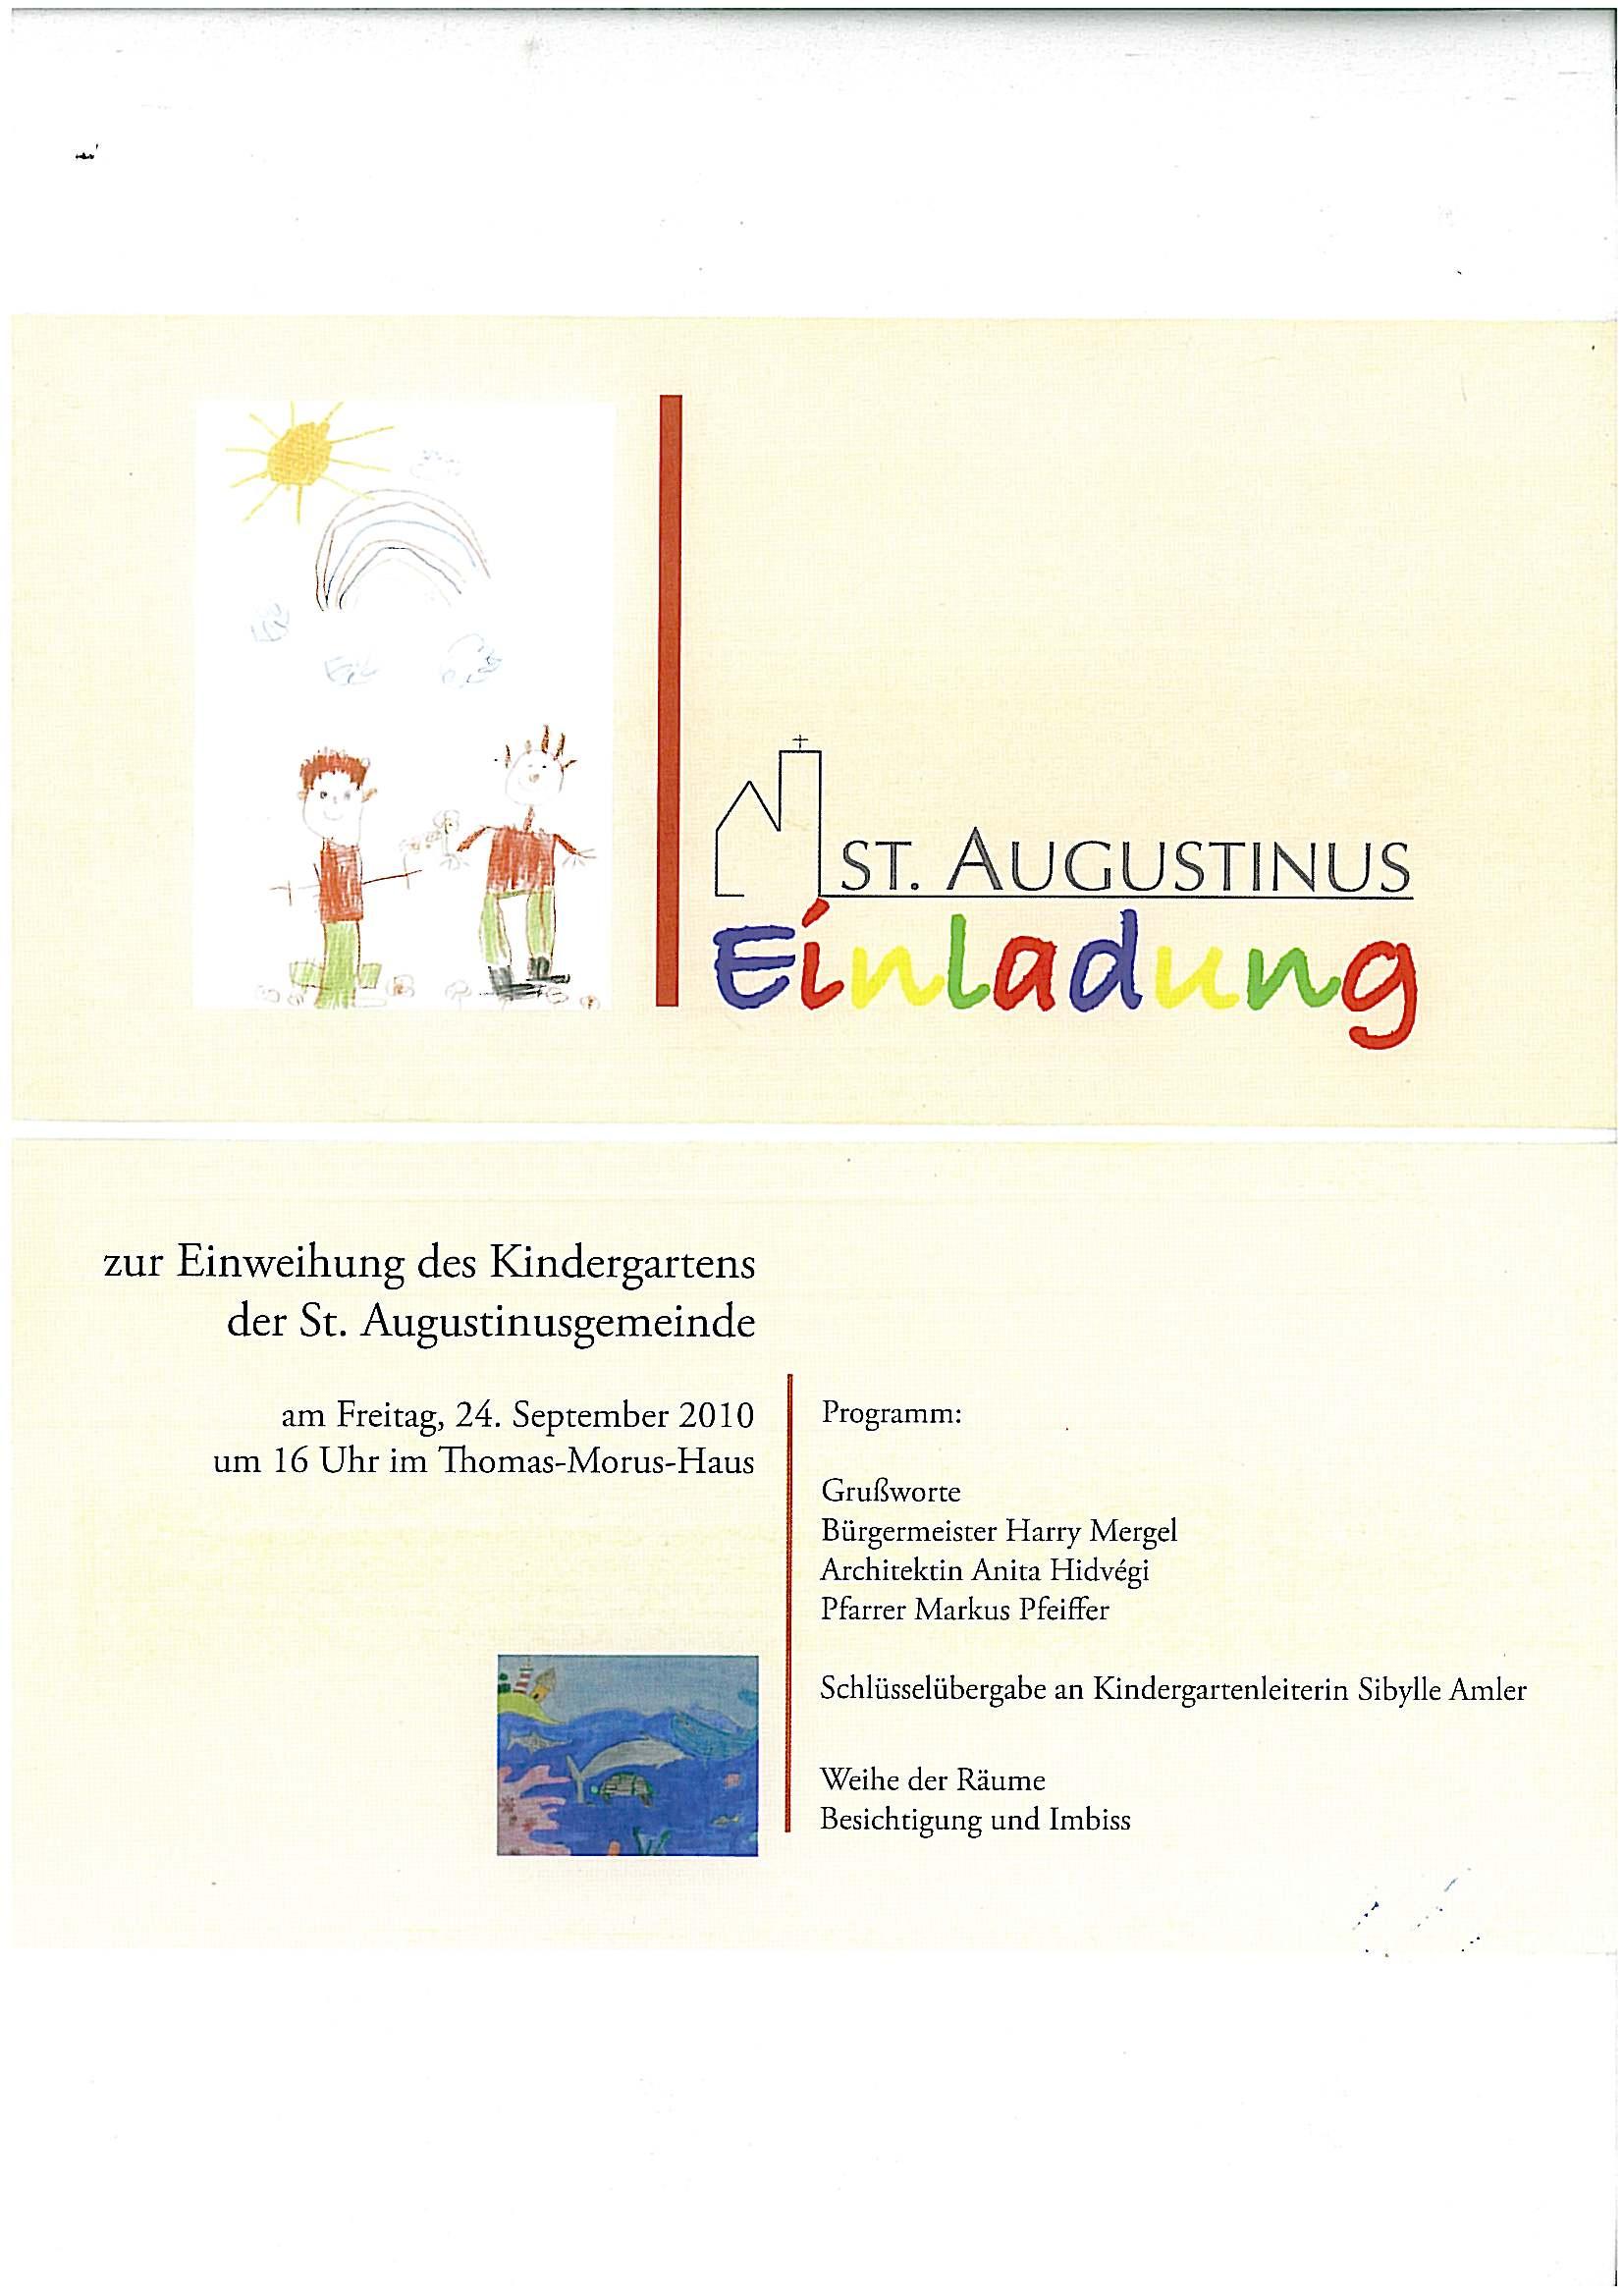 freiburg, sigeko, sicherheits- und gesundheitsschutzkoordinatoren, Einladung